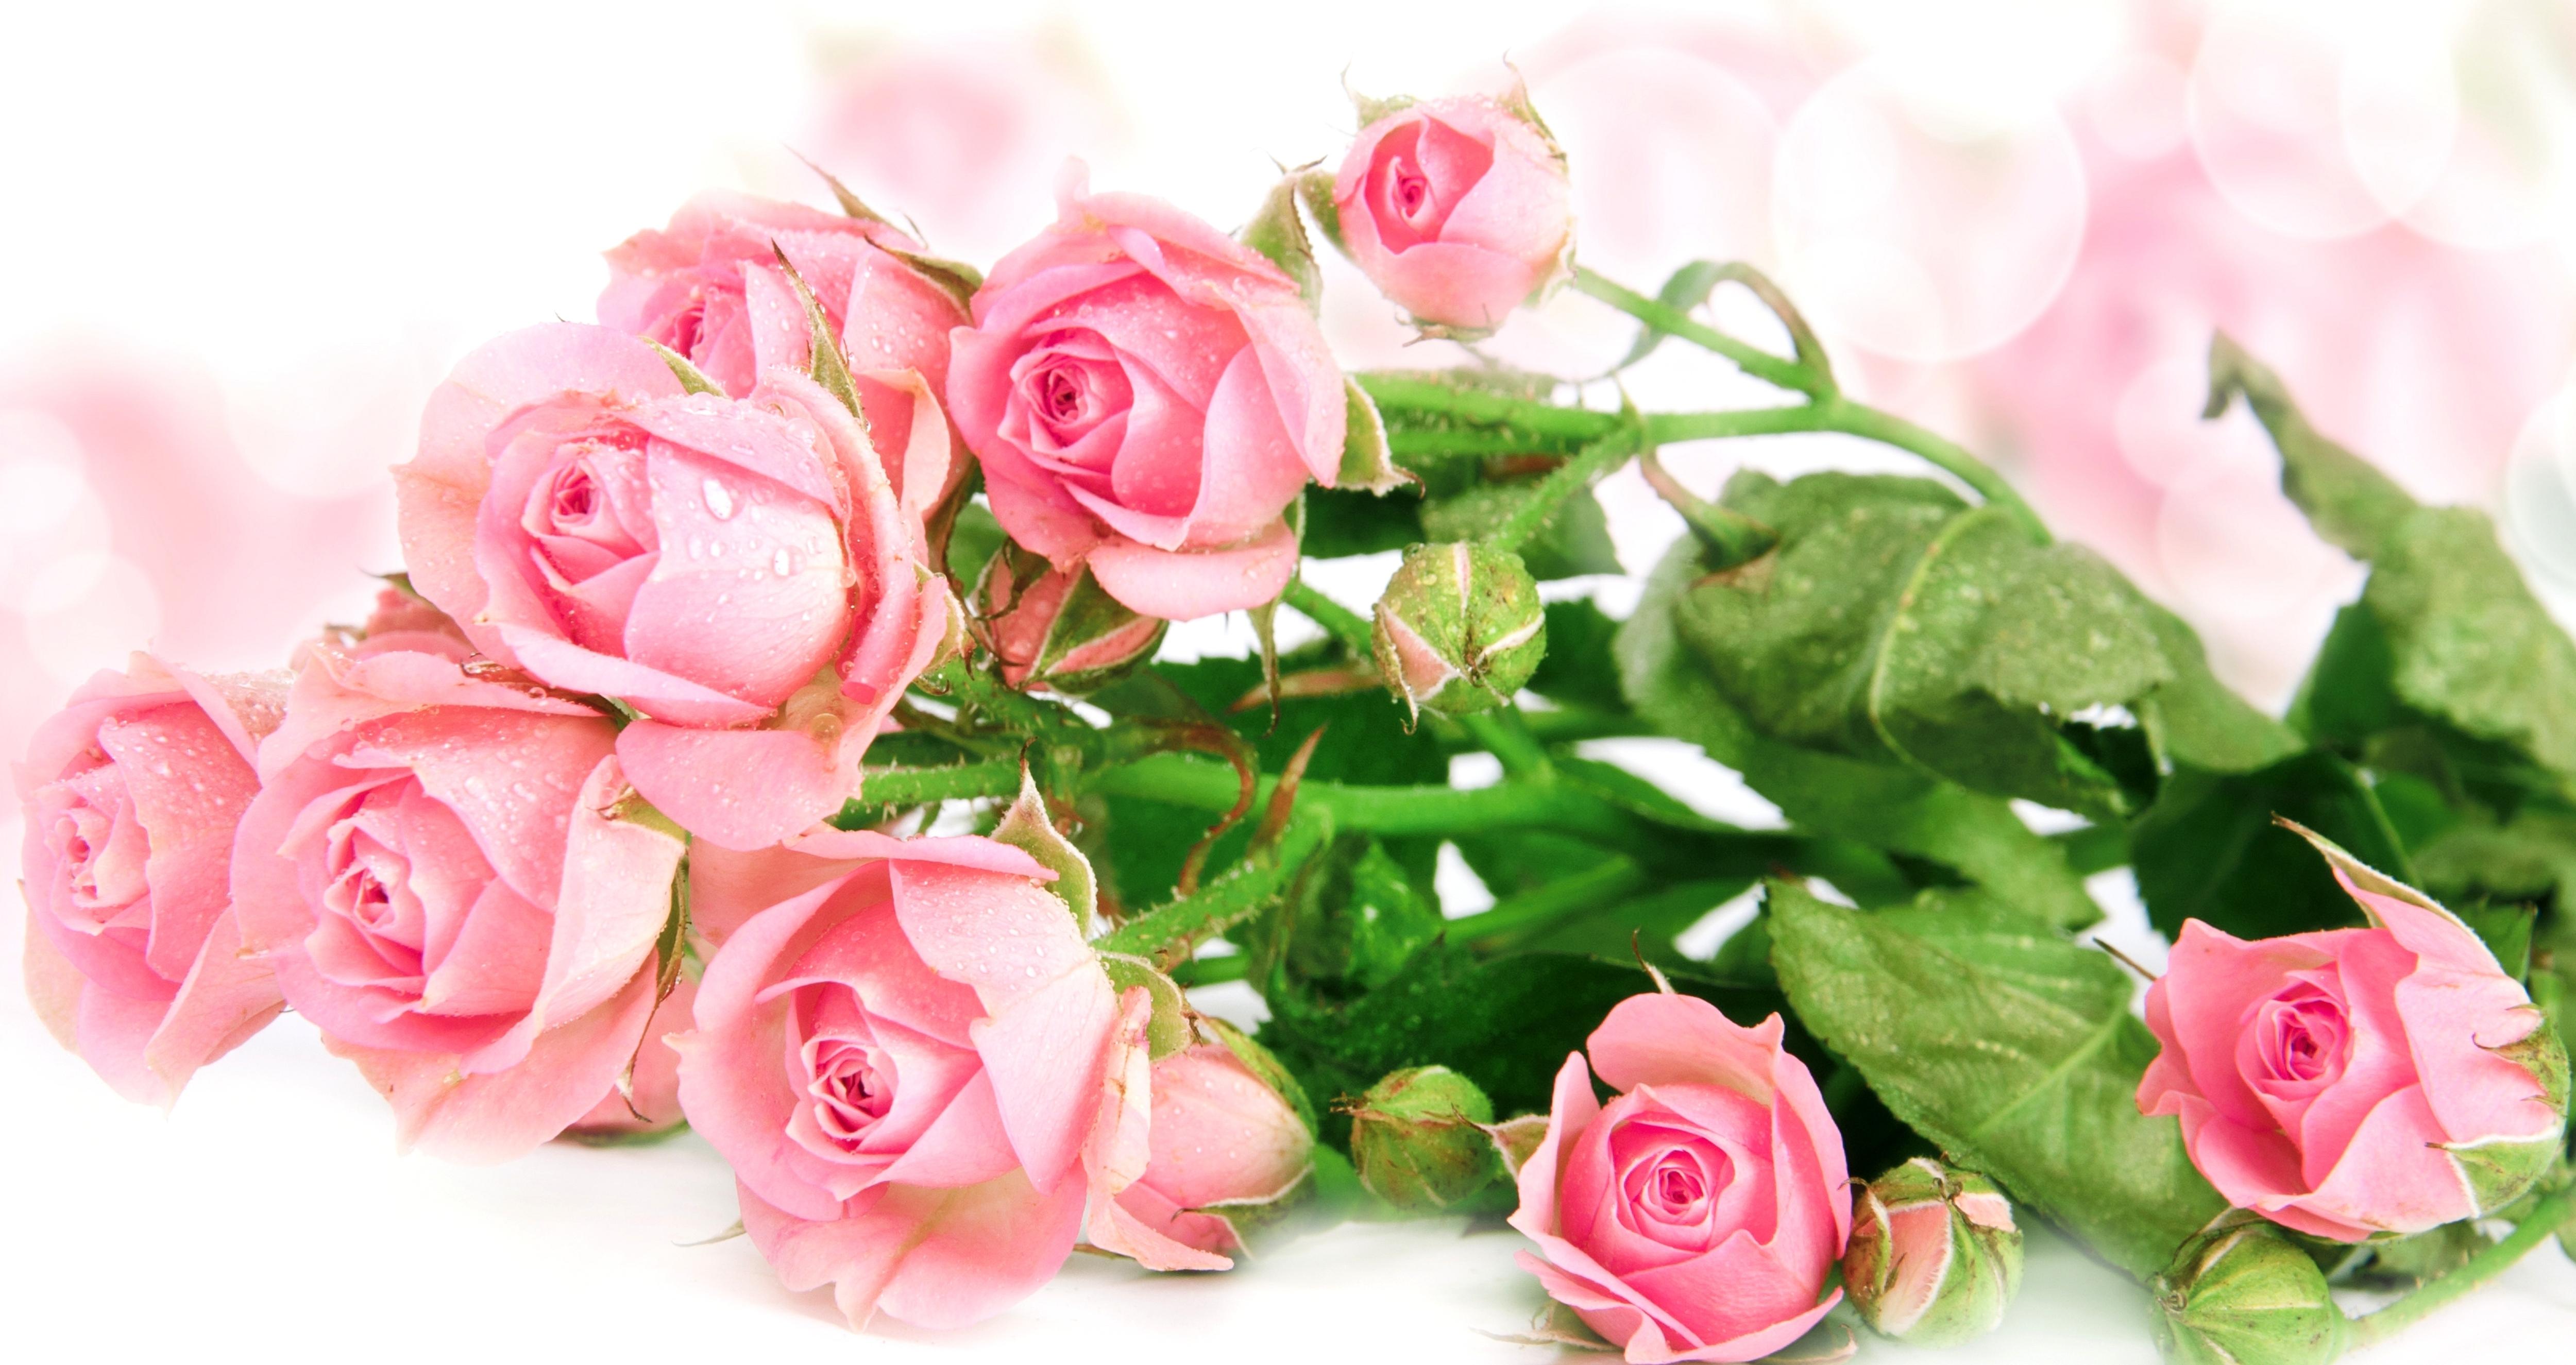 роза цветок бесплатно